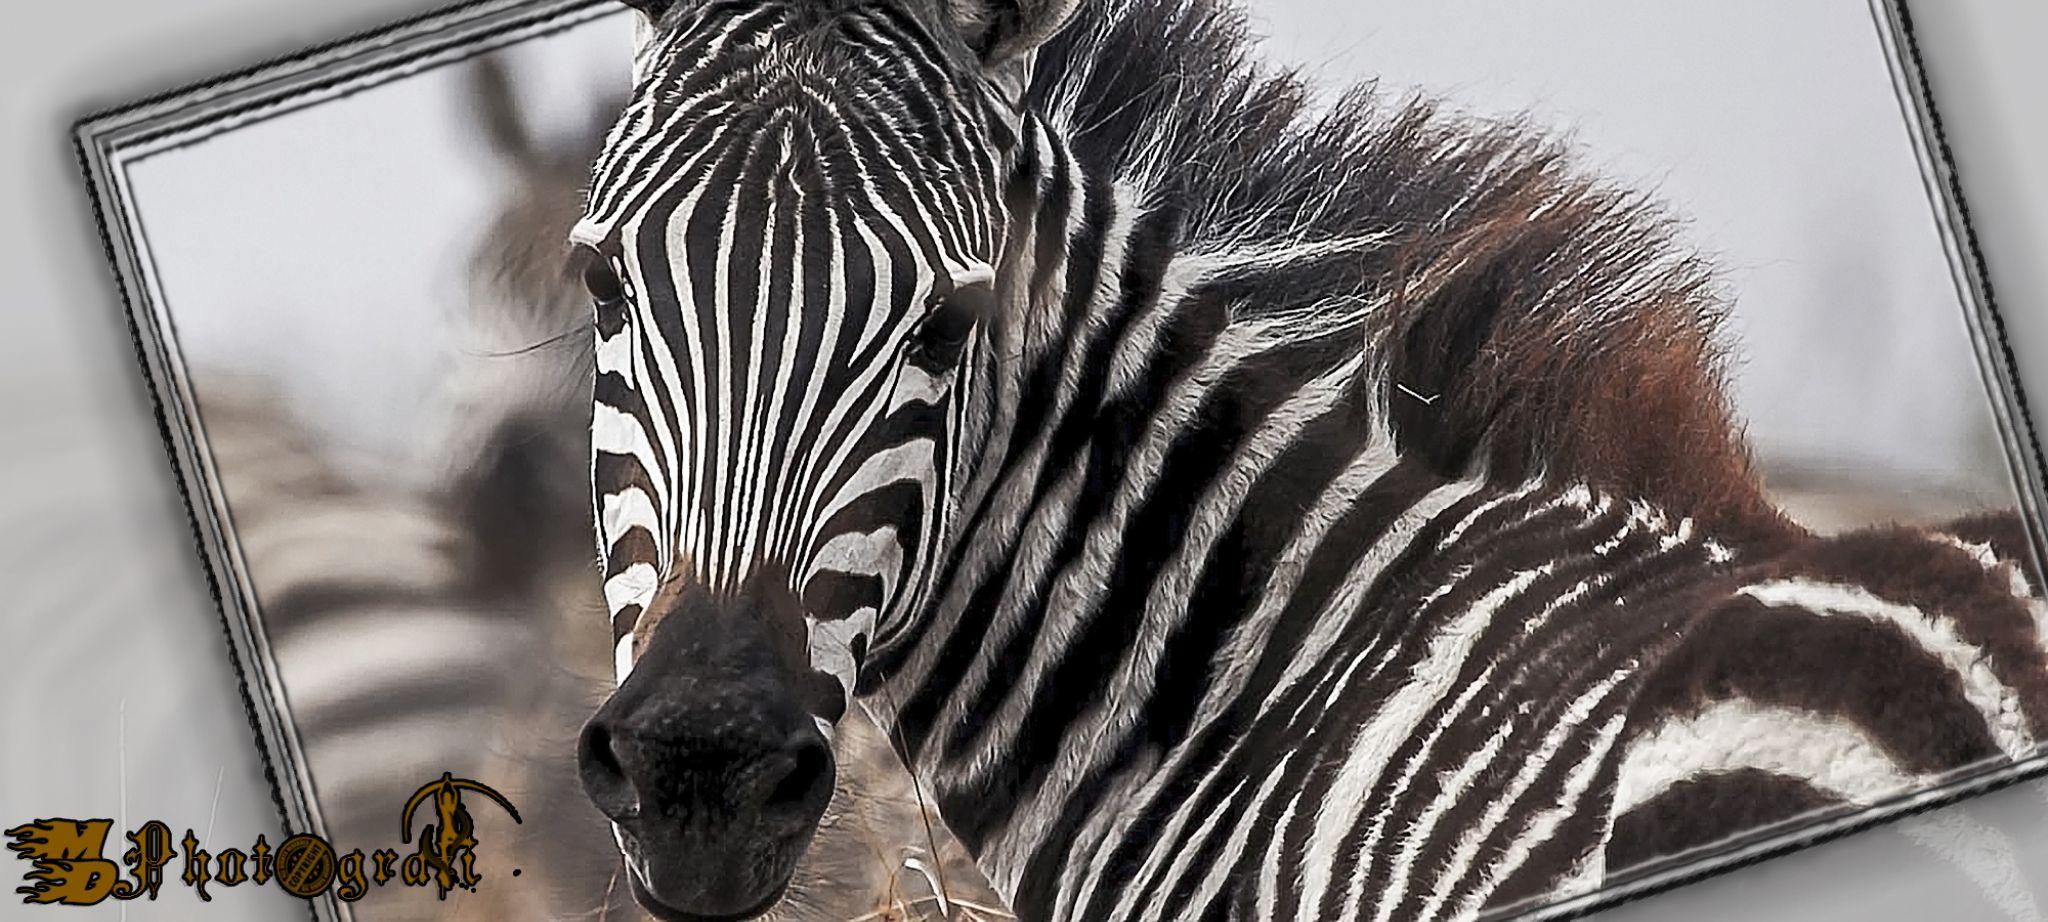 Zebra by Wow! Photos.Eu